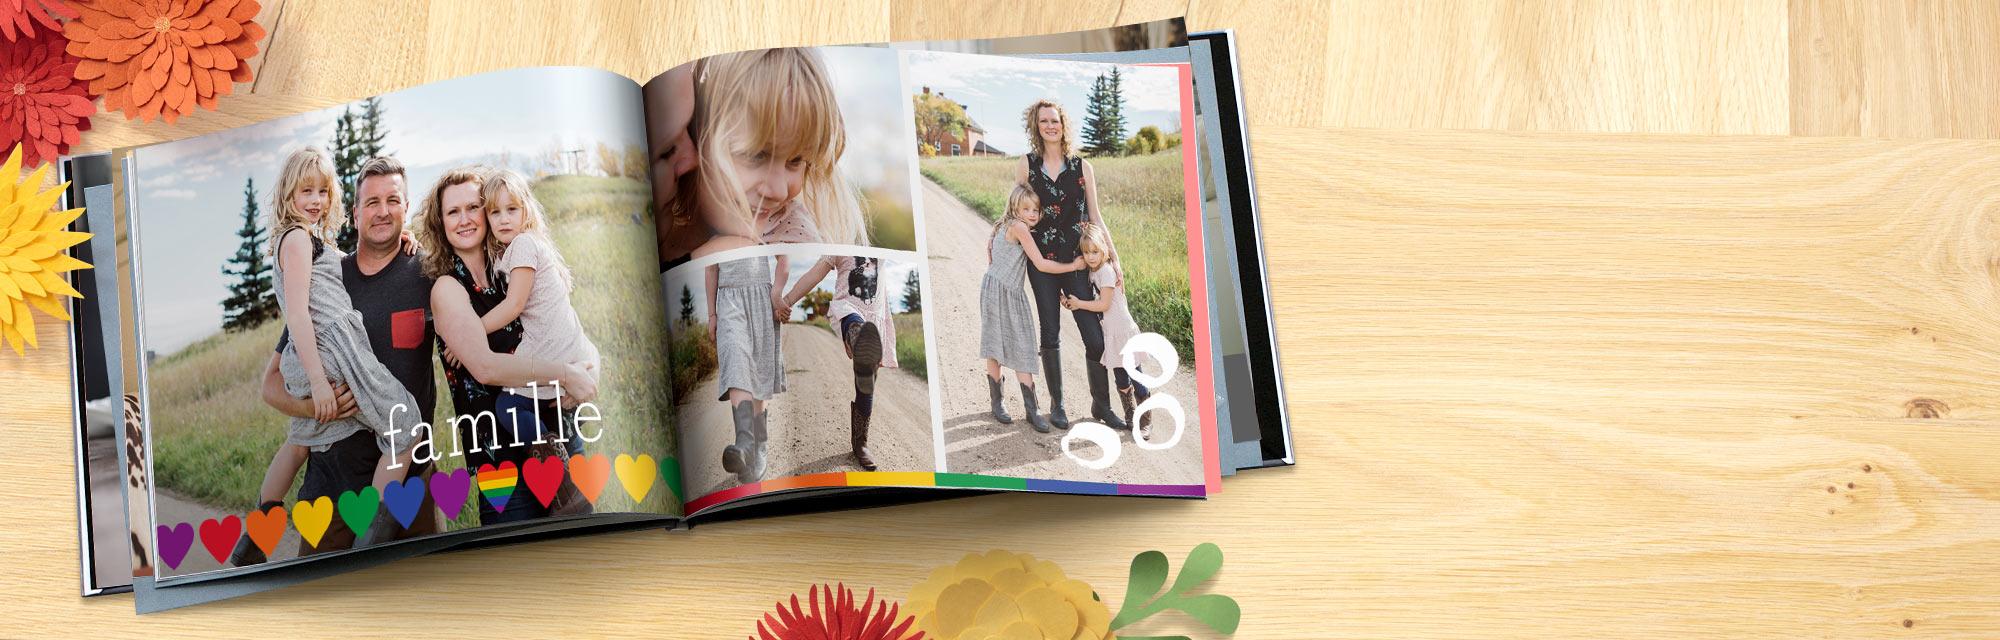 Livres Photo personnalisés Choisissez un de nos modèles et sélectionnez remplissage automatique pour ajouter vos photos.